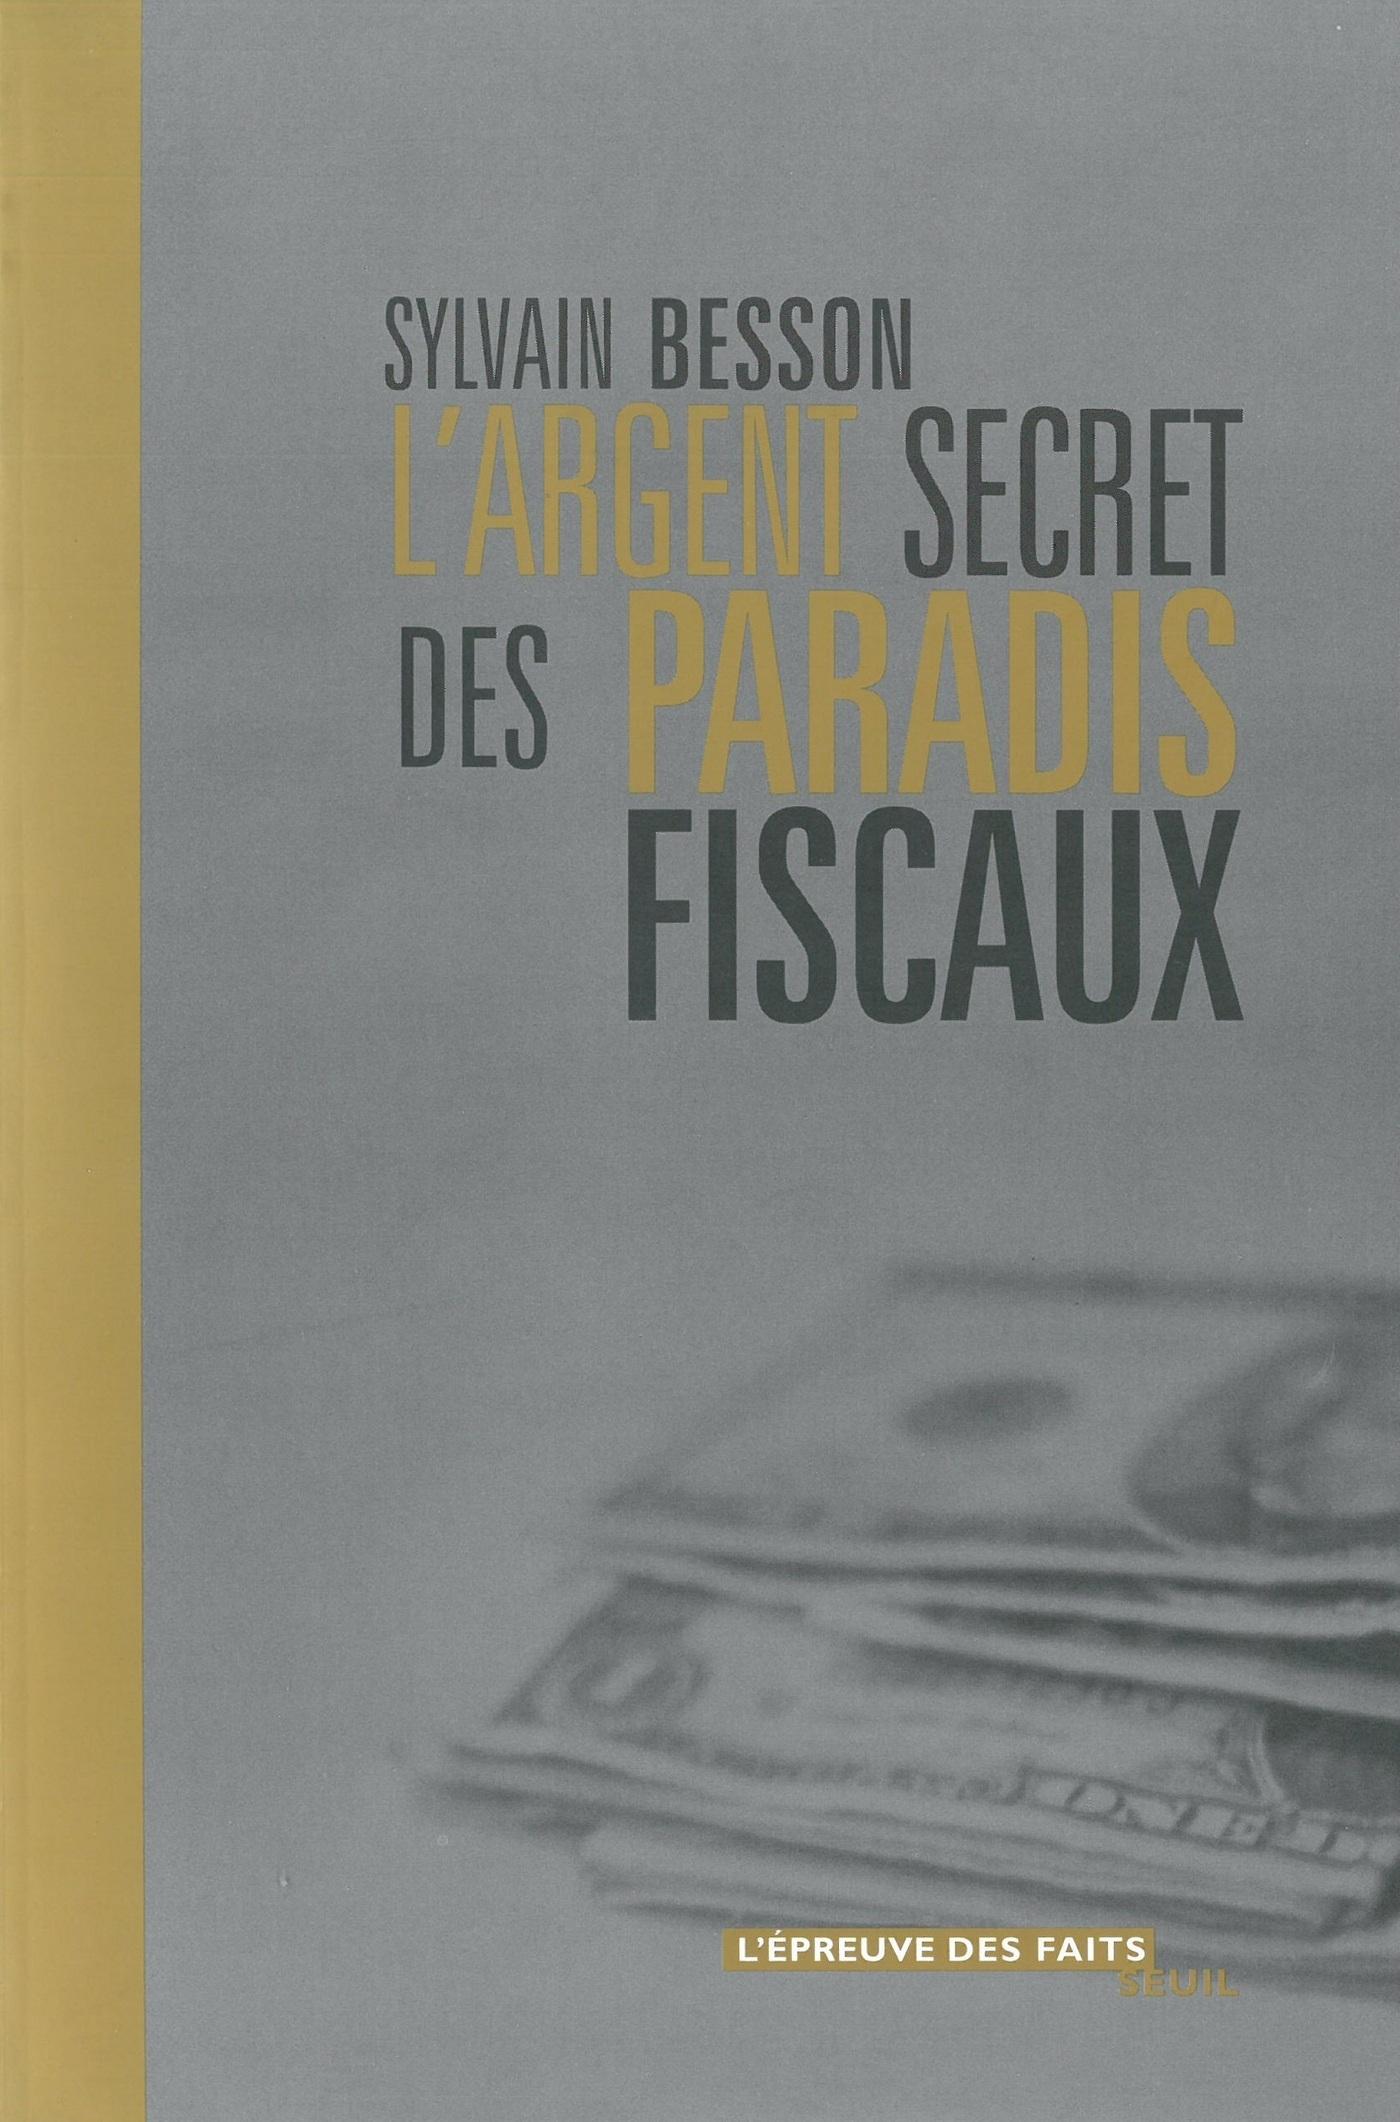 L'argent secret des paradis fiscaux | Besson, Sylvain